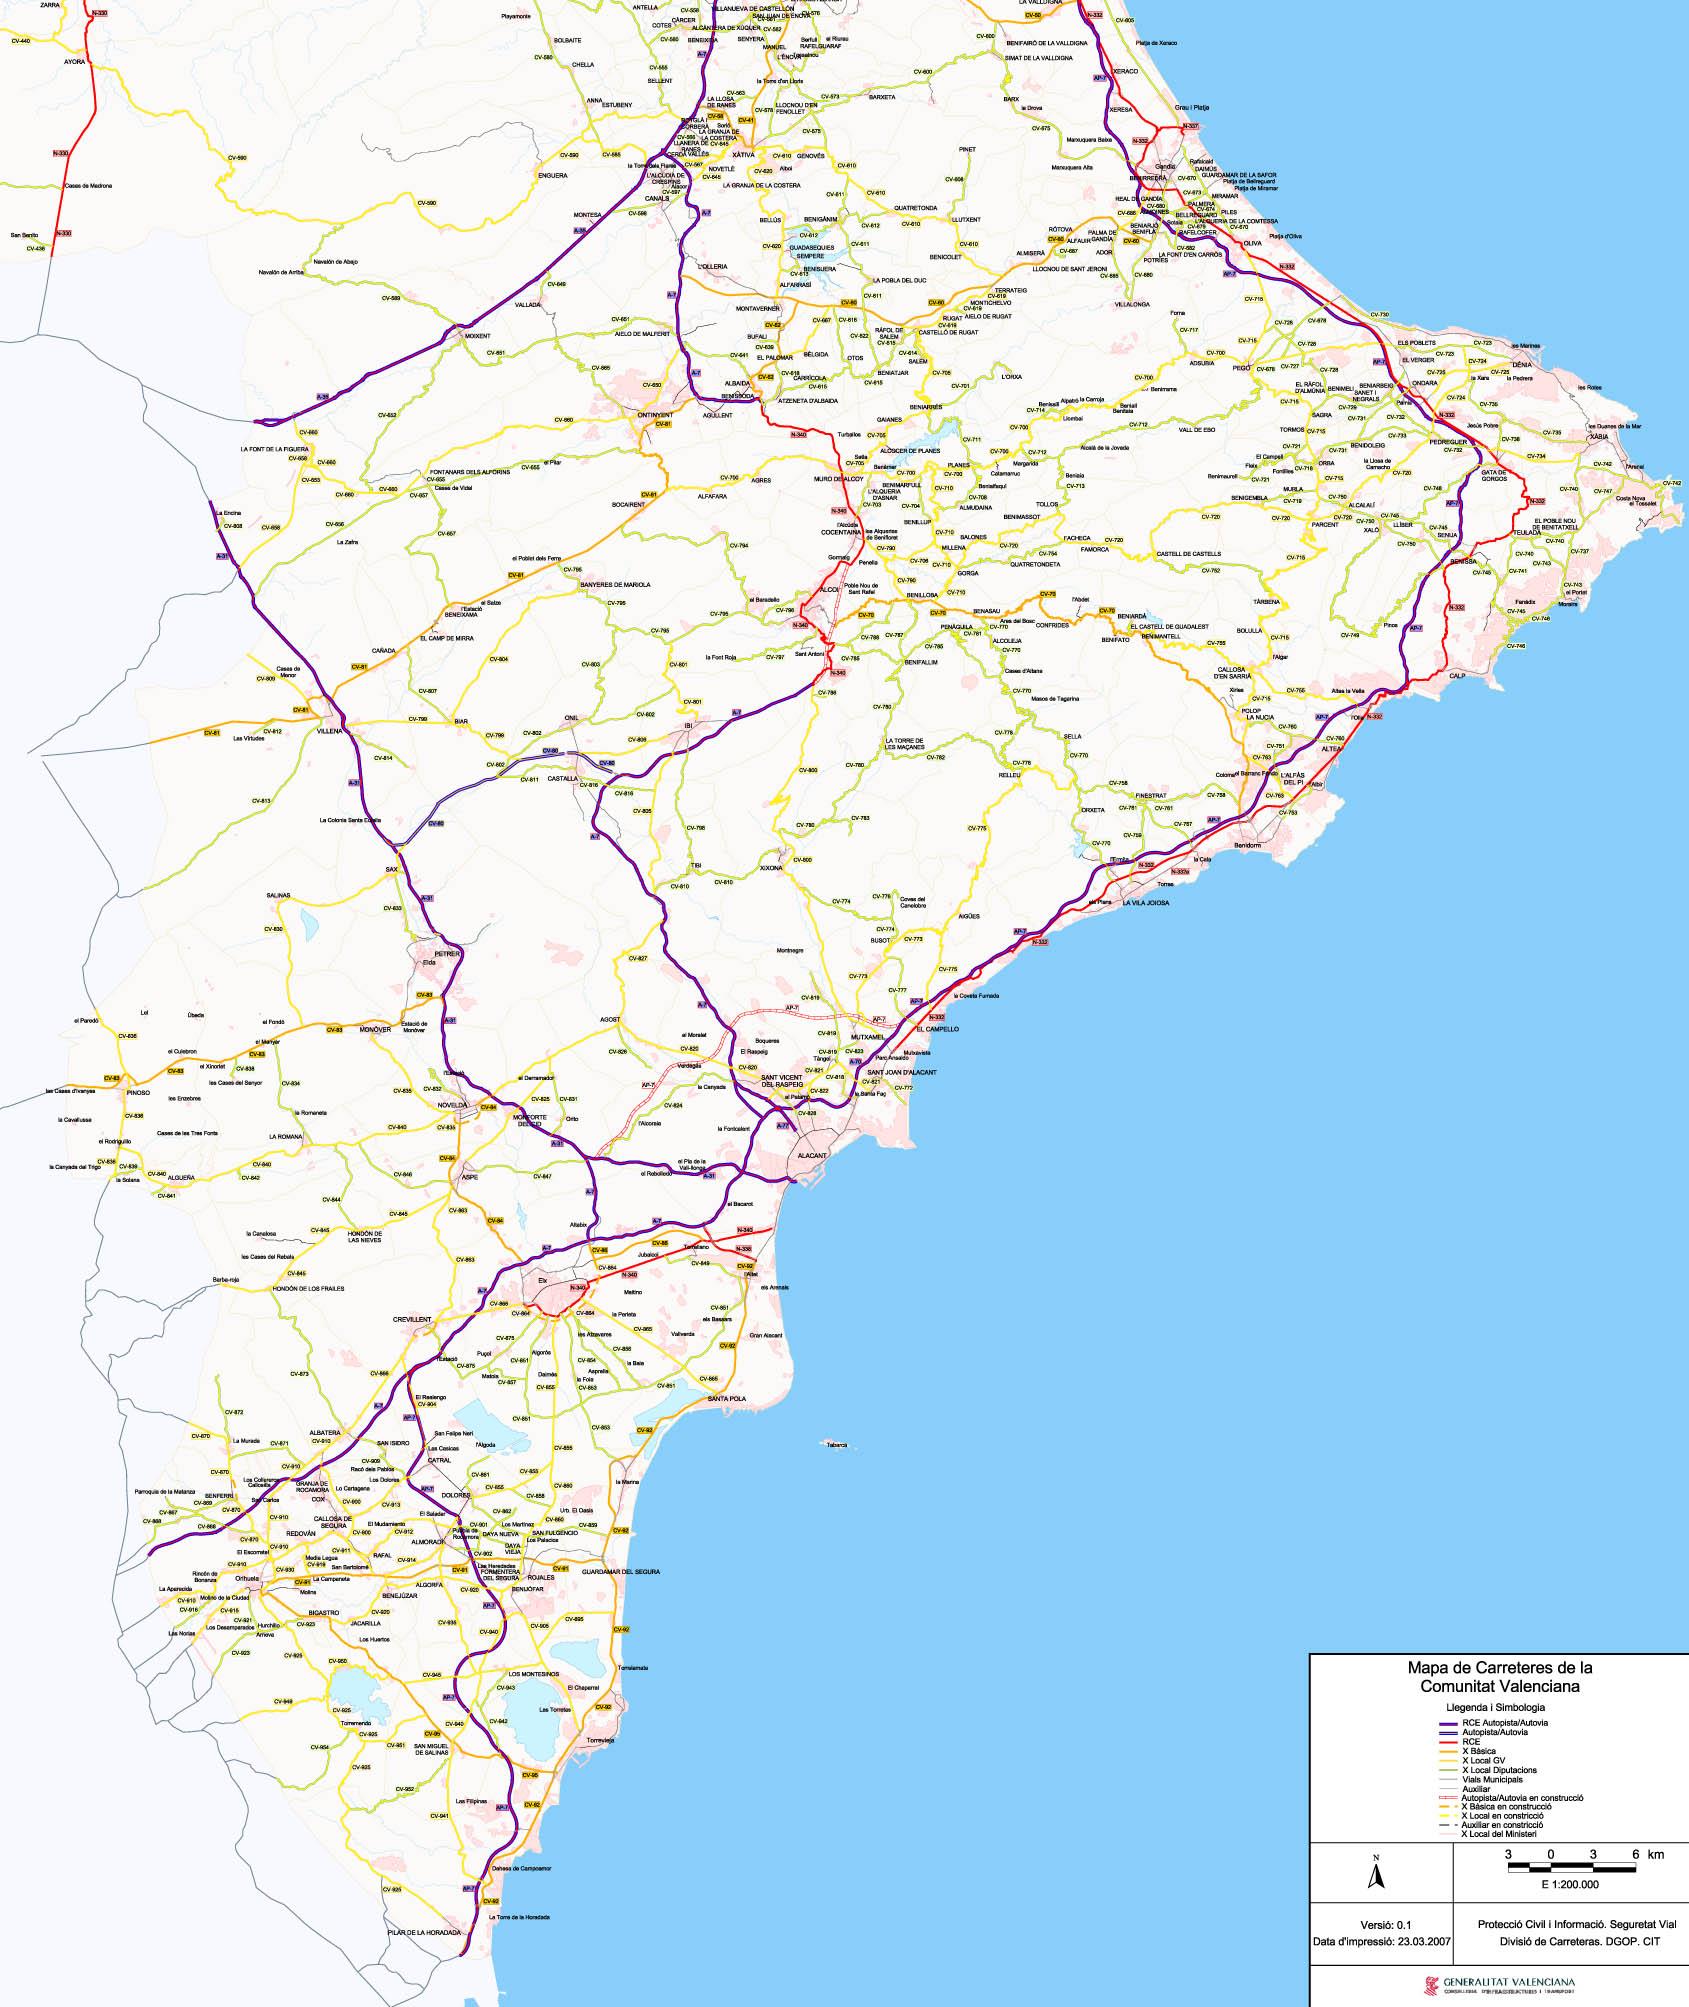 Mapa Carreteras Provincia Alicante.Archivo Mapa De Carreteras De Alicante Jpg Wikivia